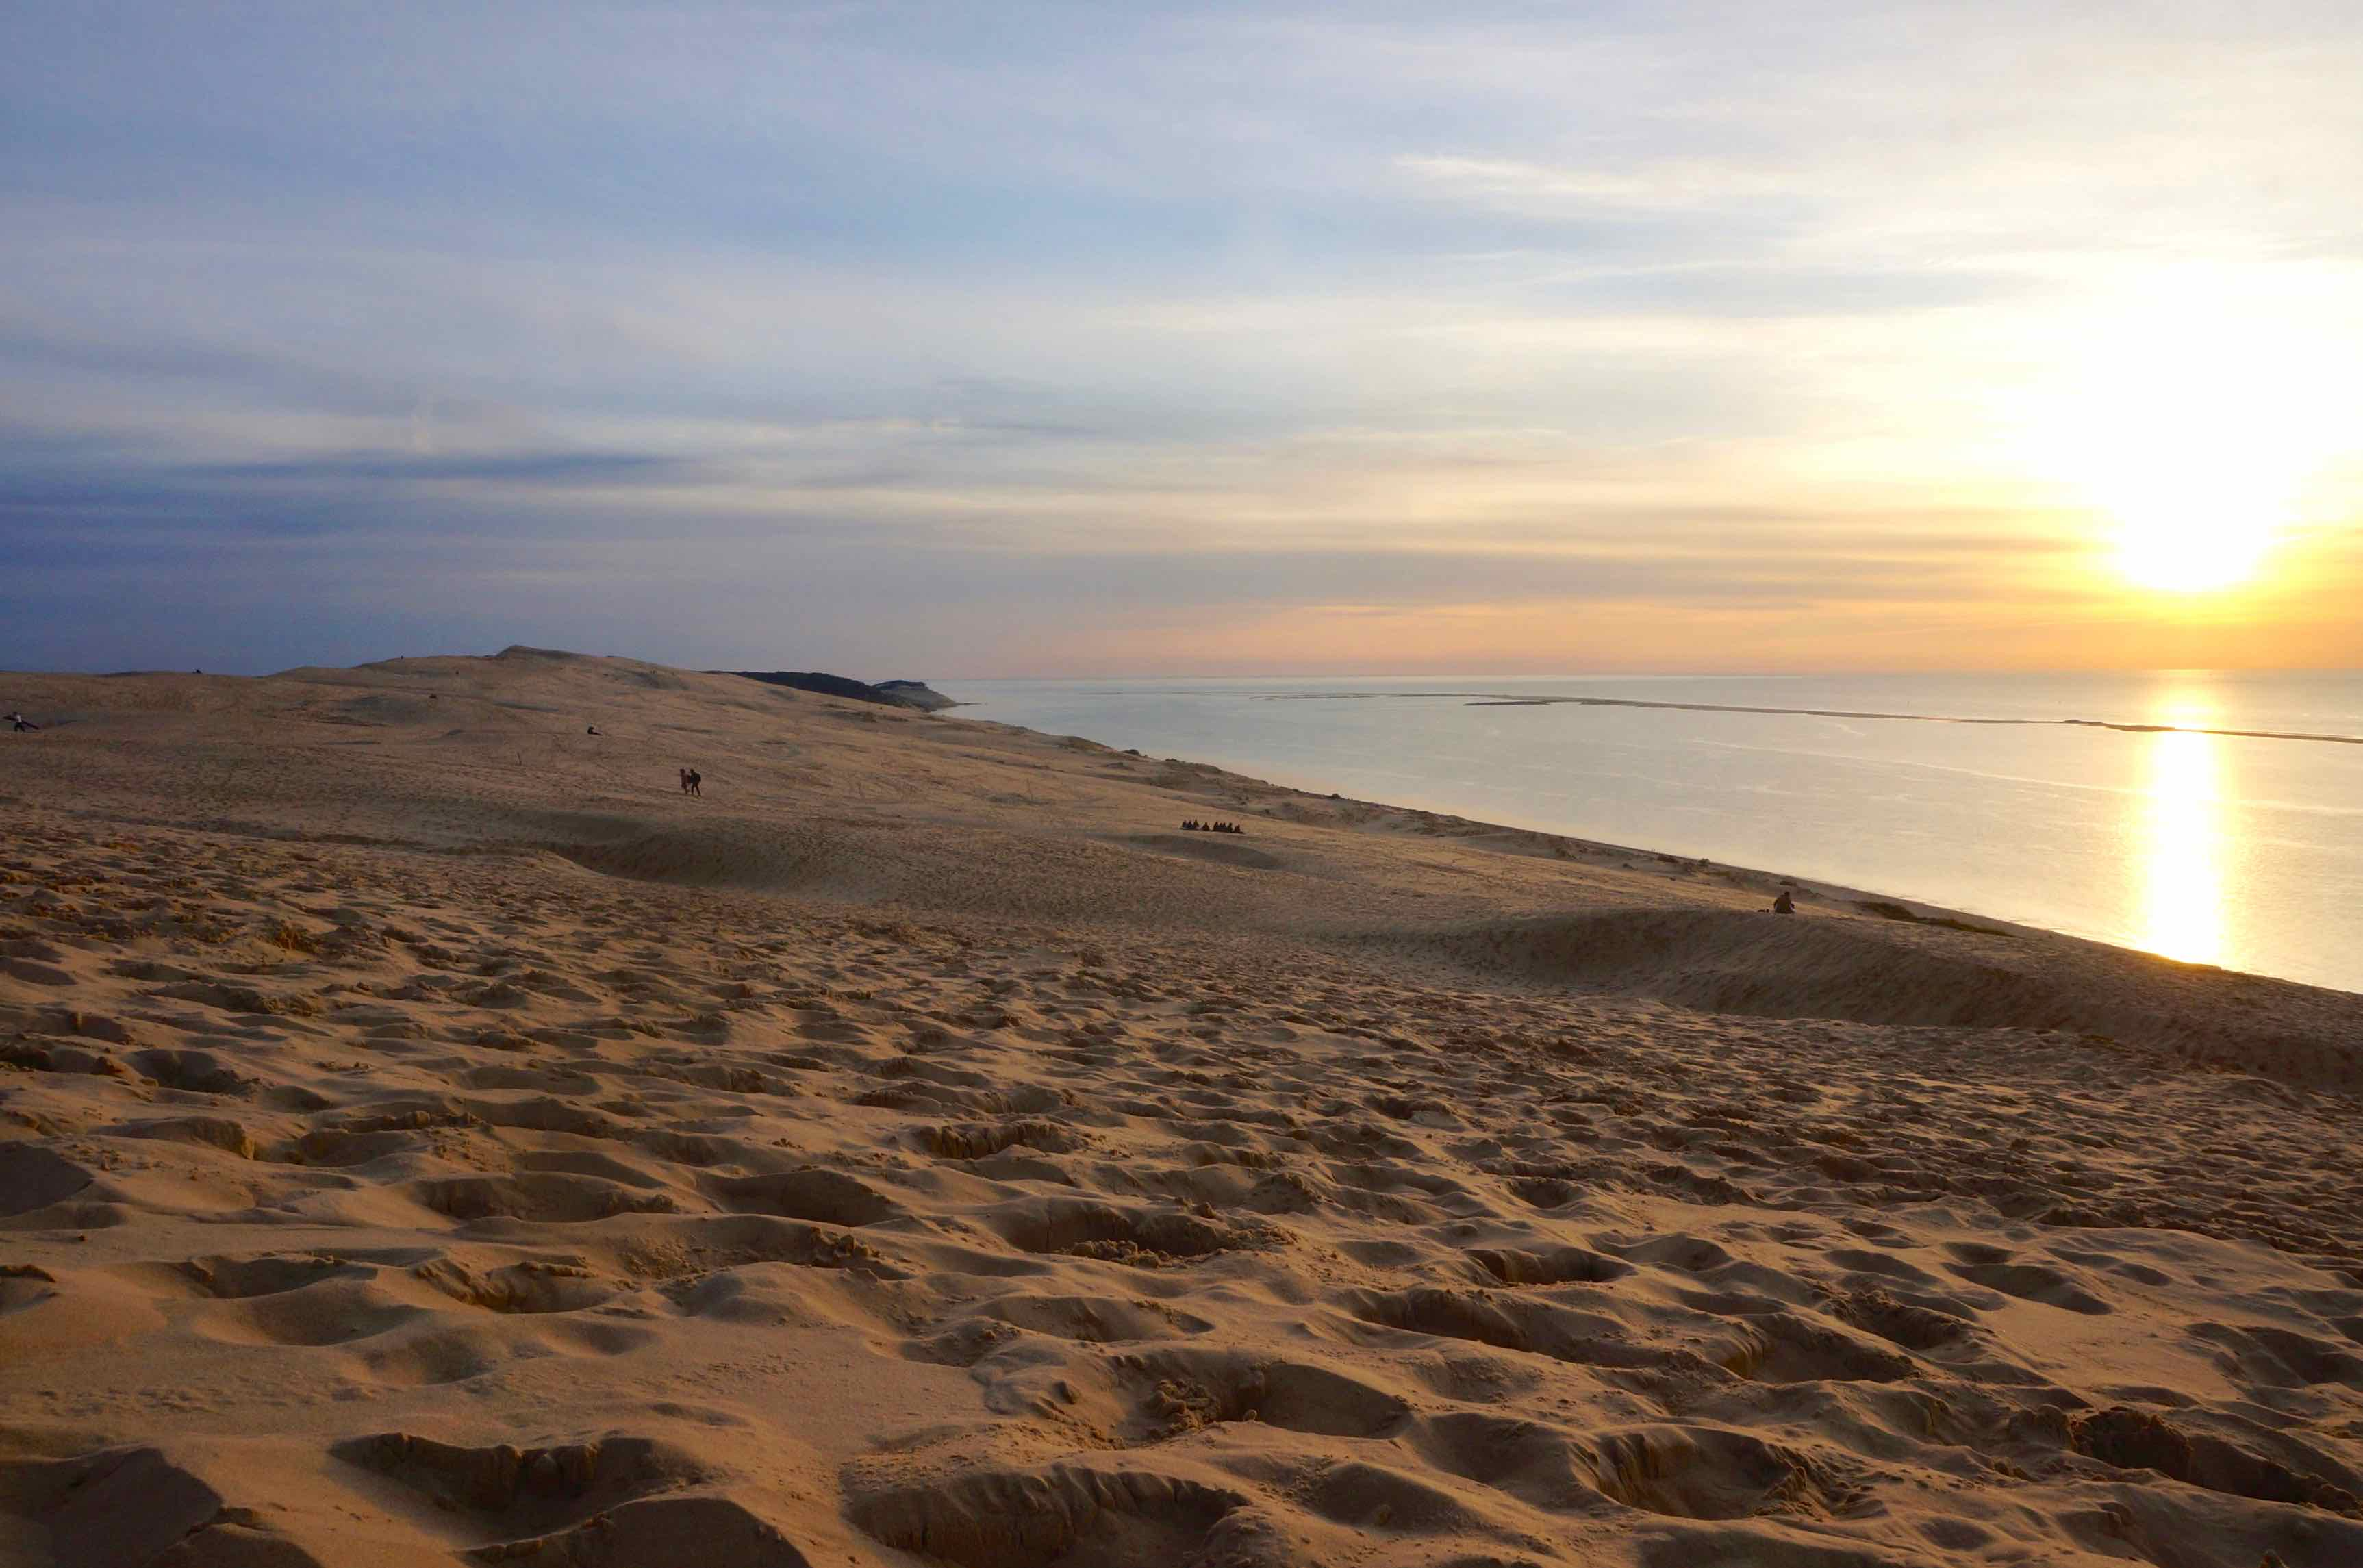 coucher de soleil sur dunes du pilat, bassin d'arcachon